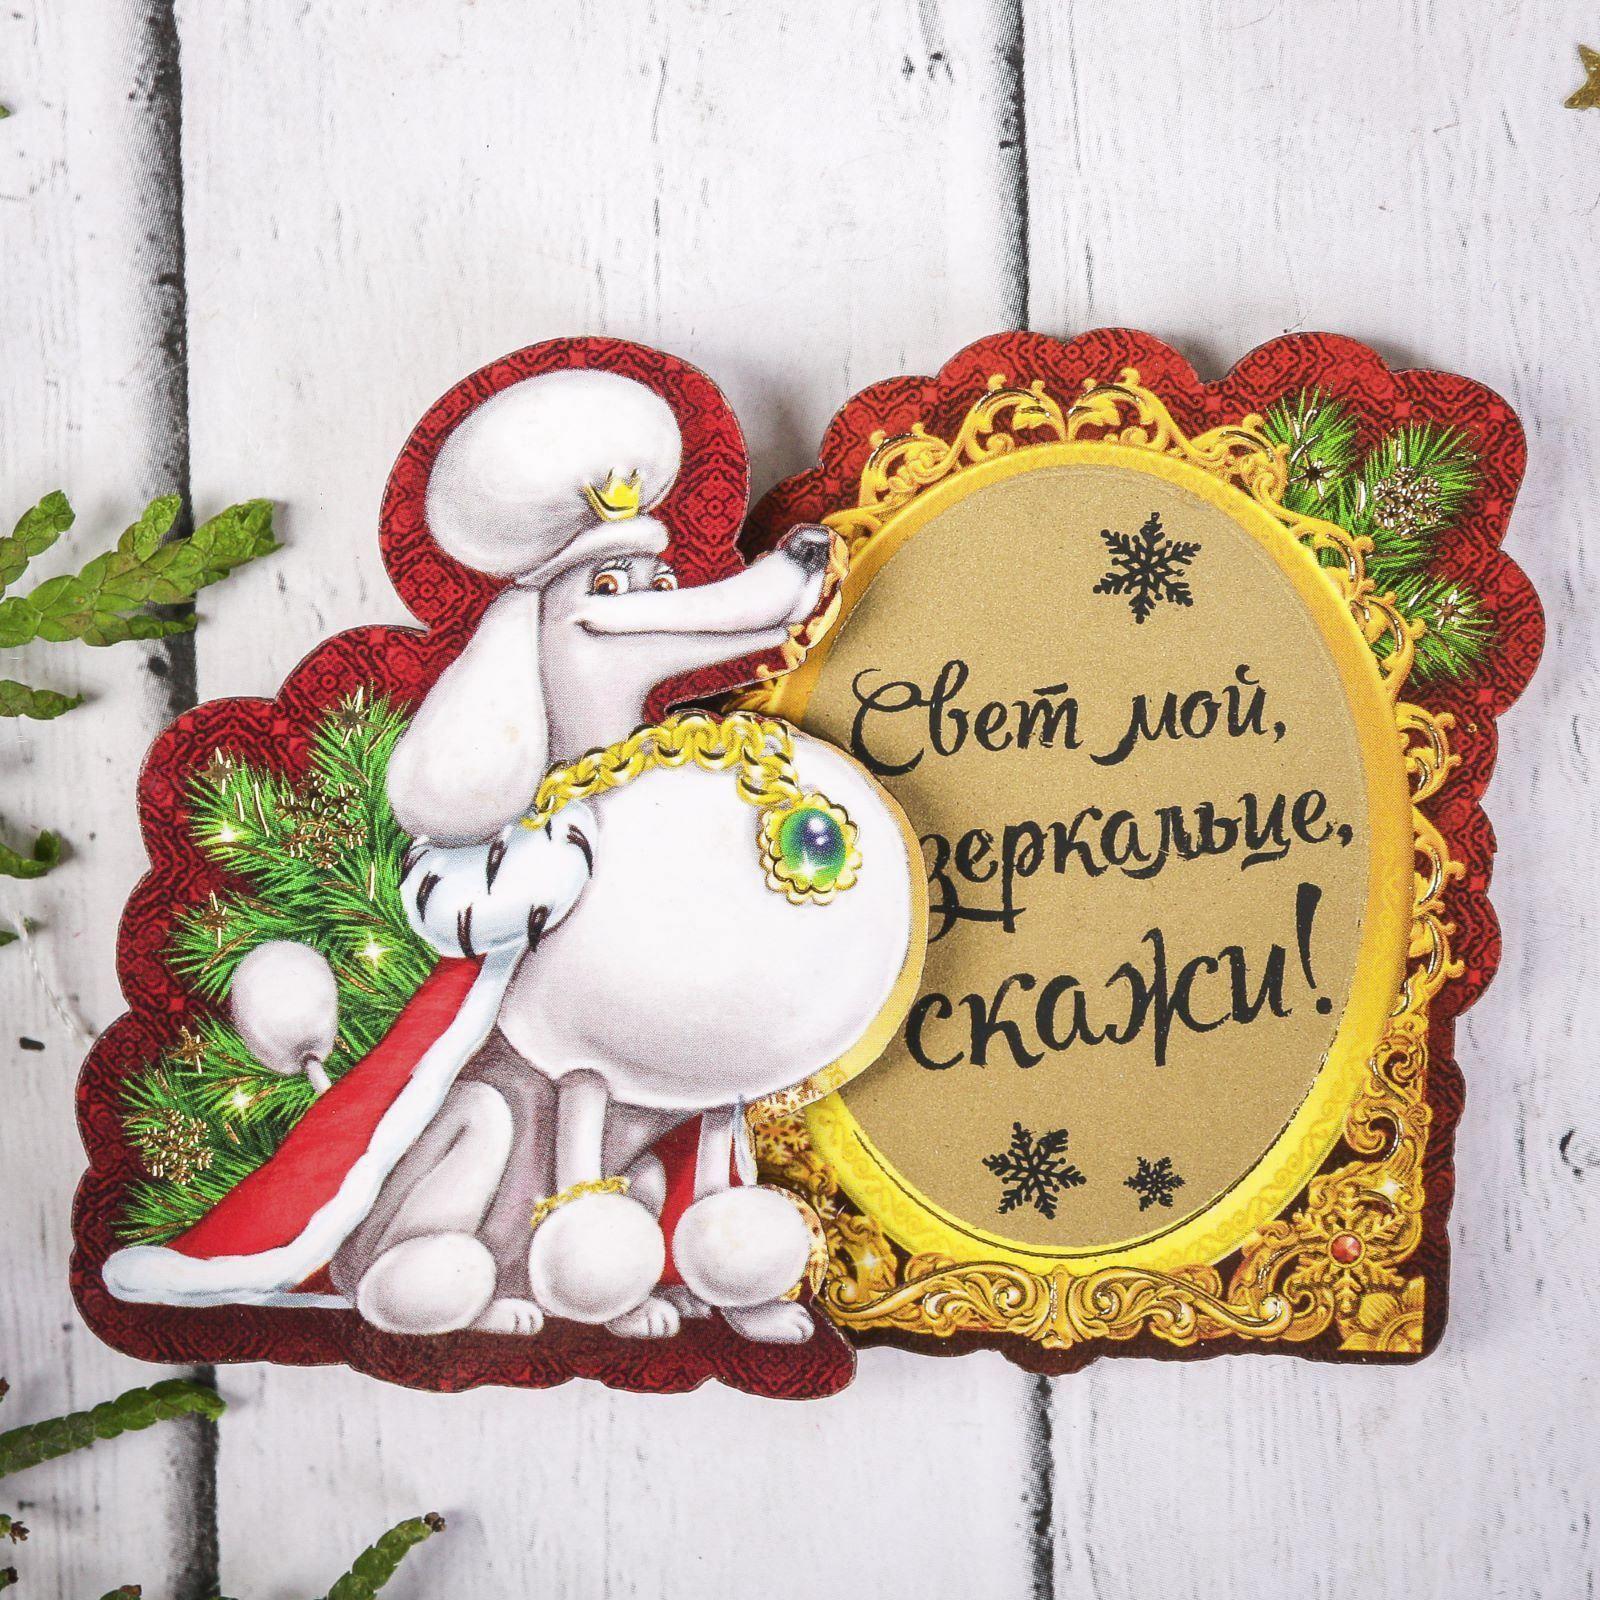 Магнит Sima-land Свет мой, зеркальце, со скретч-слоем, 8,2 х 6,1 см2018430Порадуйте родных и близких оригинальным сувениром: преподнесите в подарок магнит. С ним даже самый серьёзный человек почувствует себя ребёнком, ожидающим чудо! Создайте праздничное настроение, и оно останется с вами на весь год.